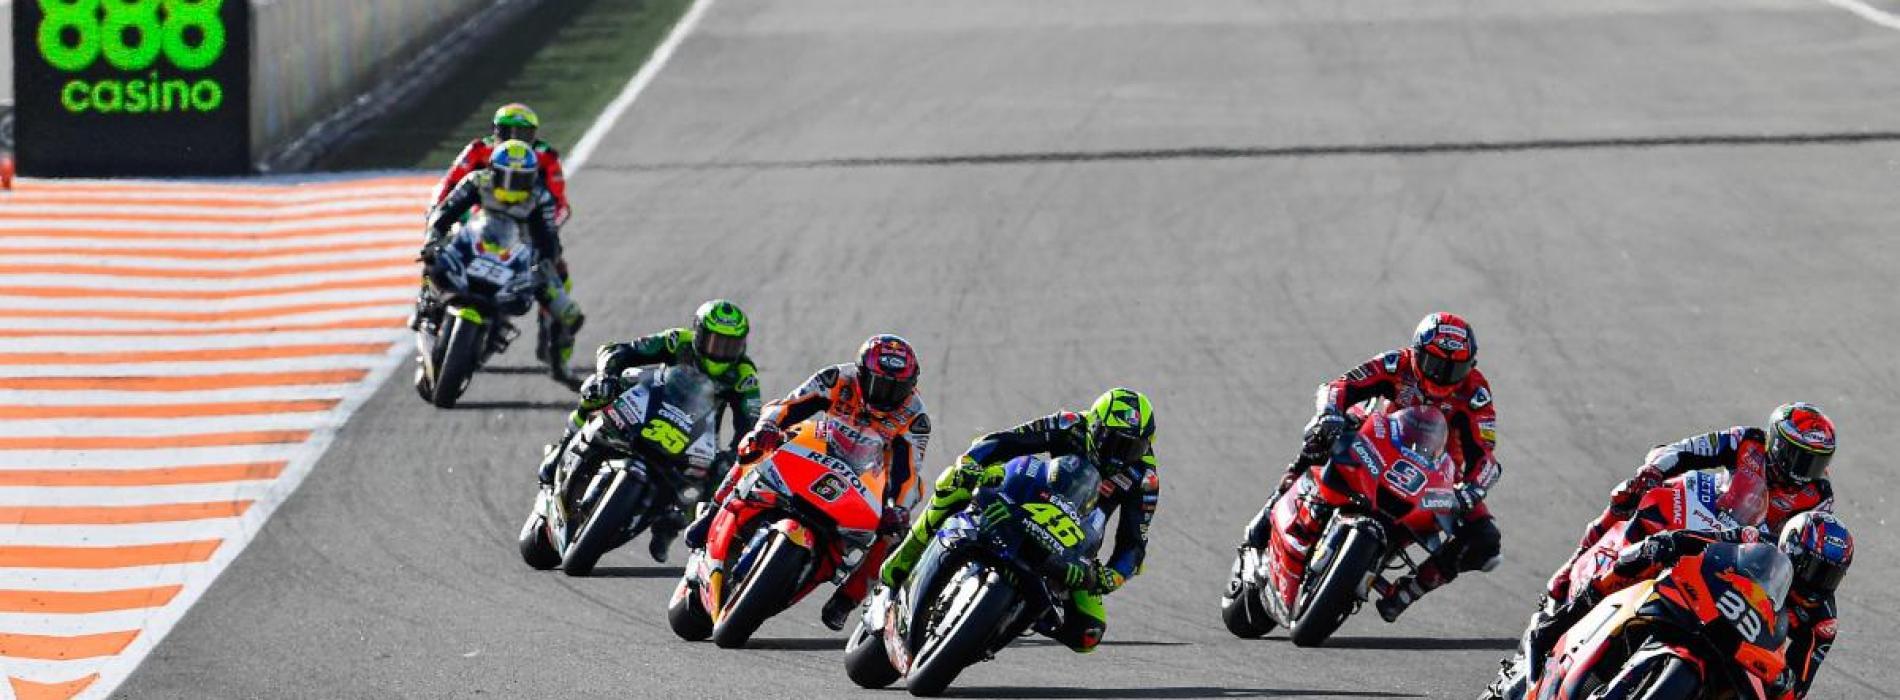 888 estabelece parceria com MotoGP e dá nome ao Grande Prémio 888 de Portugal